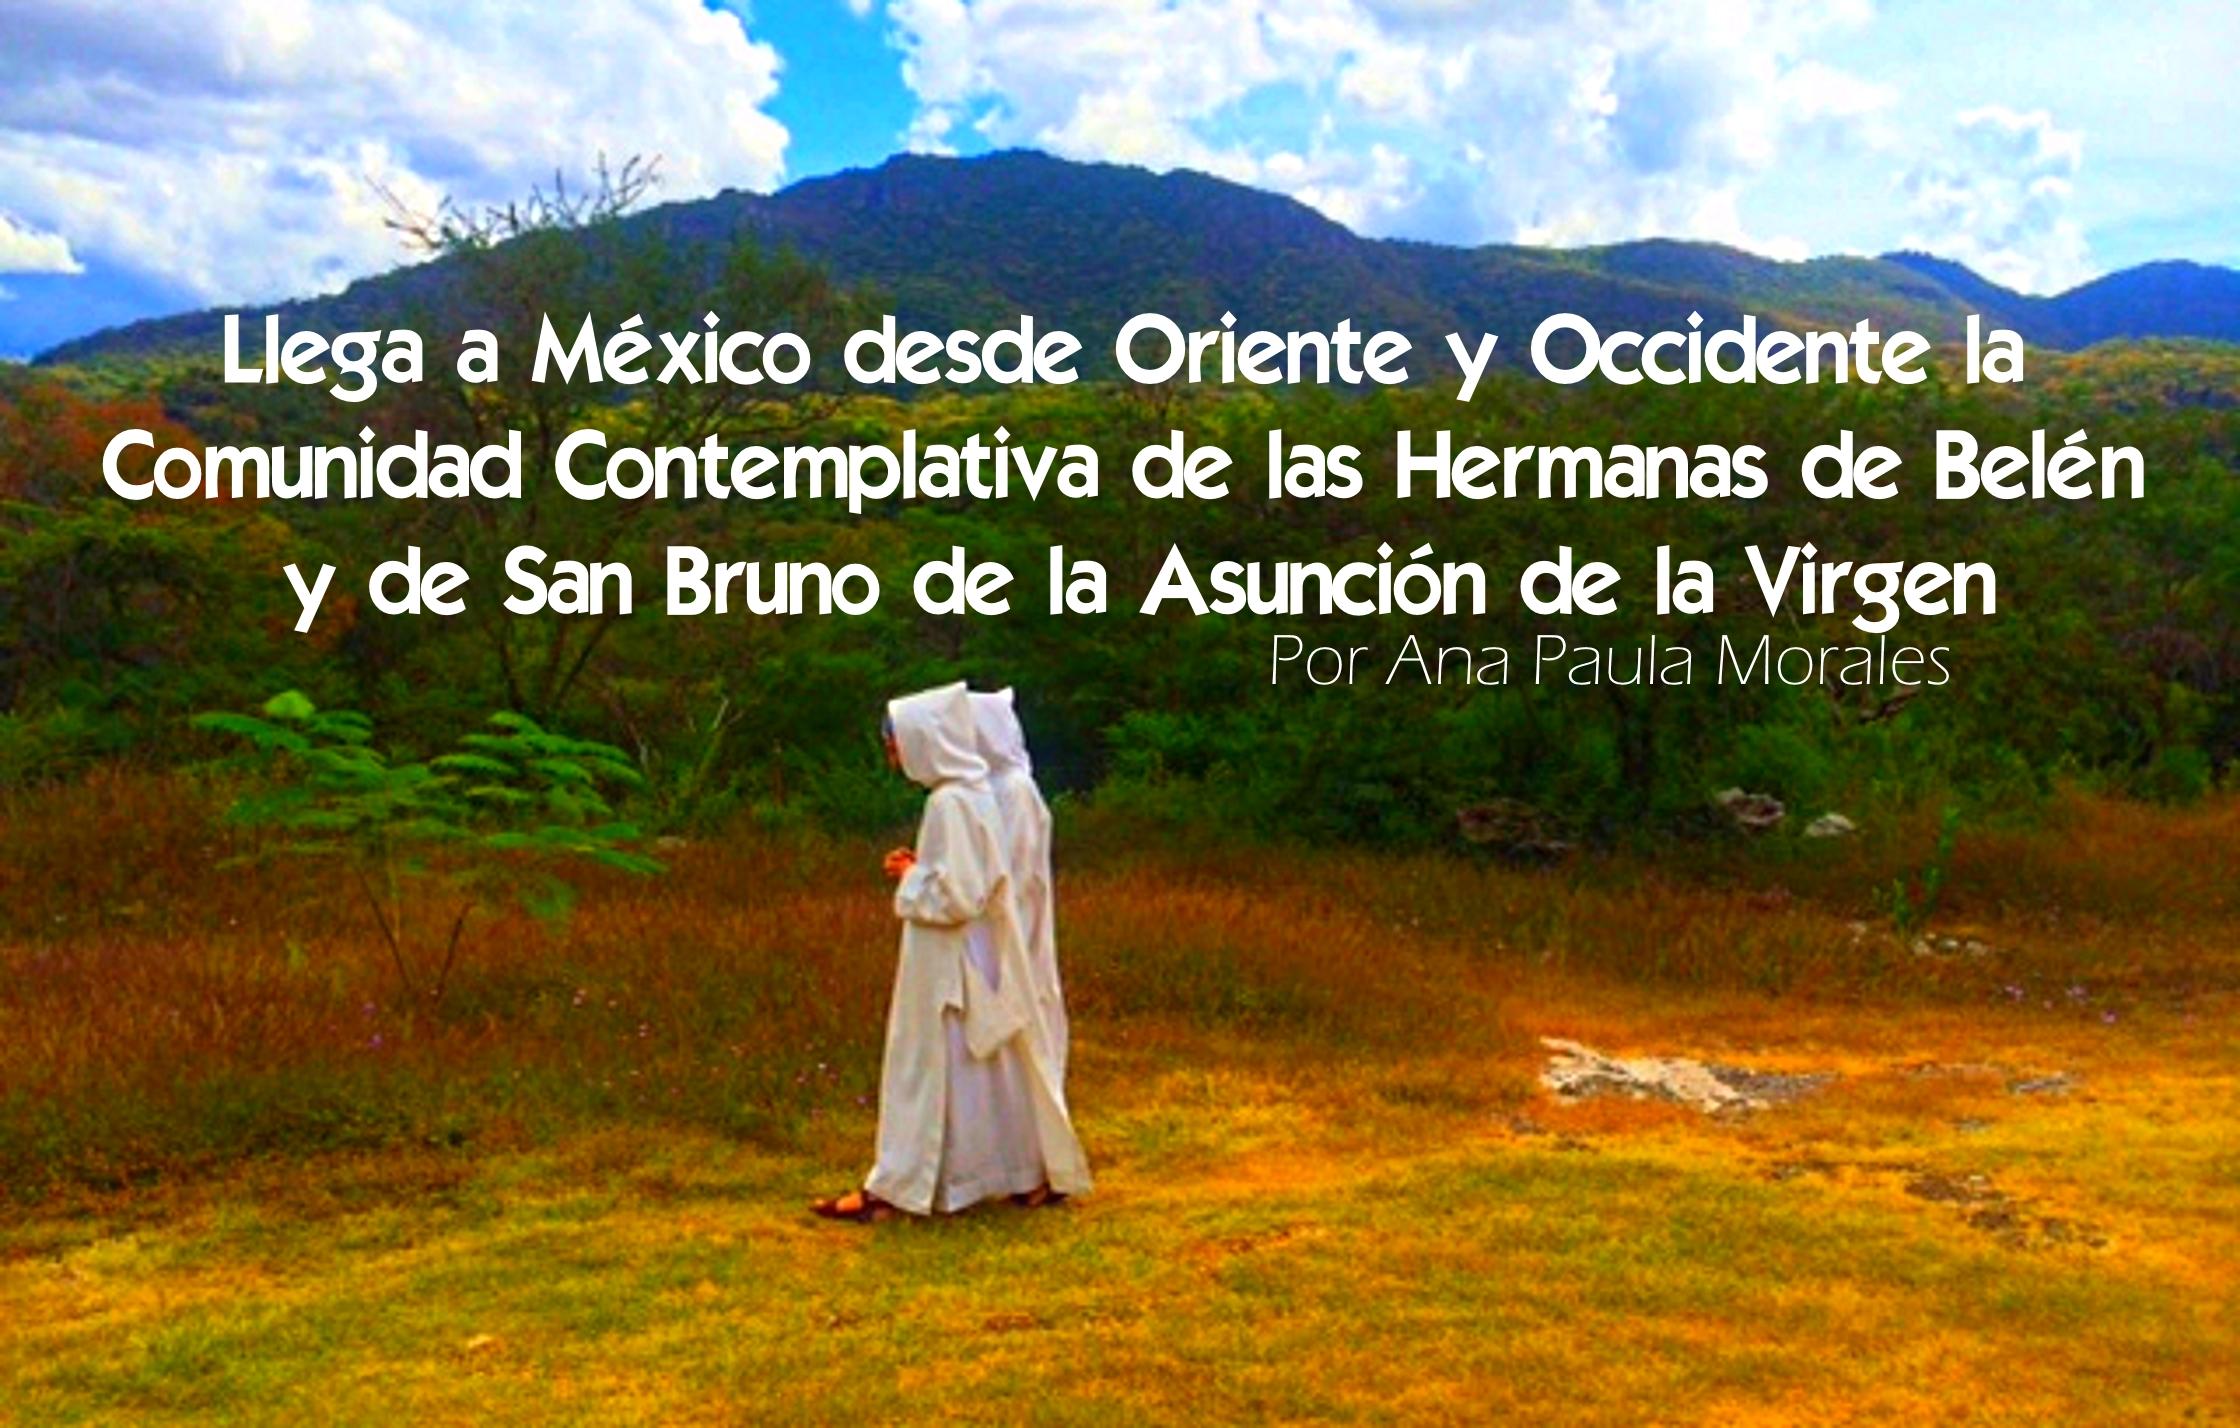 Llega a México desde Oriente y Occidente  Comunidad Contemplativa